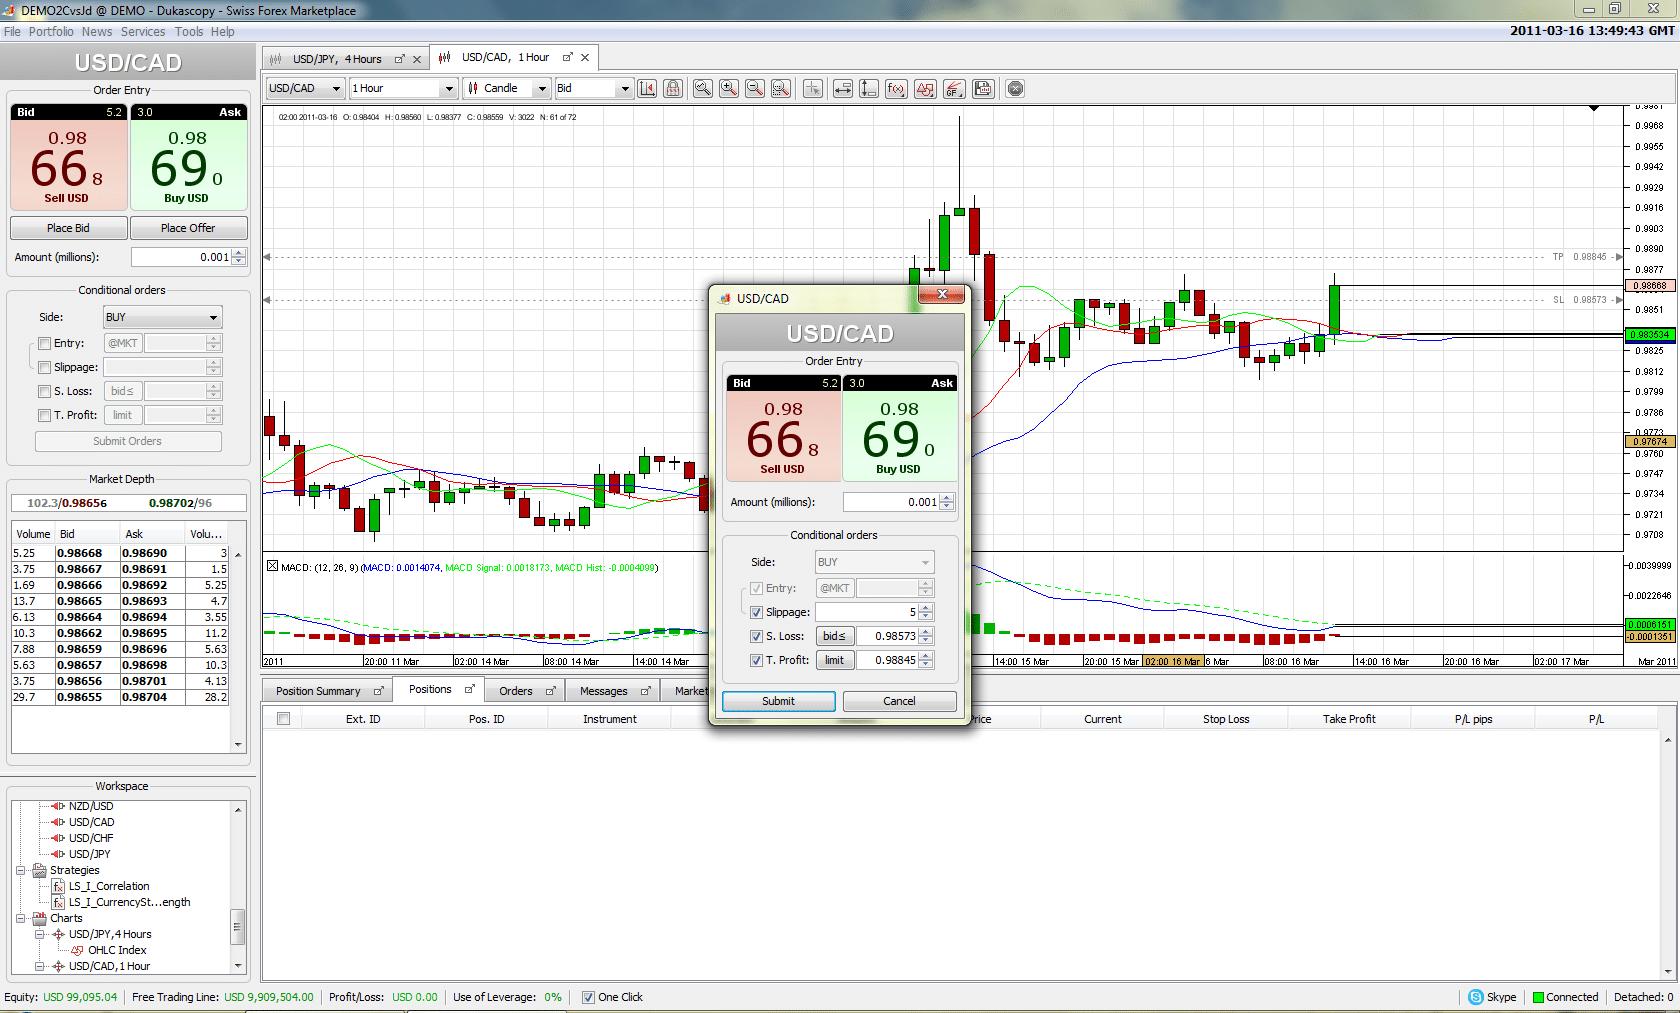 jforex platform window